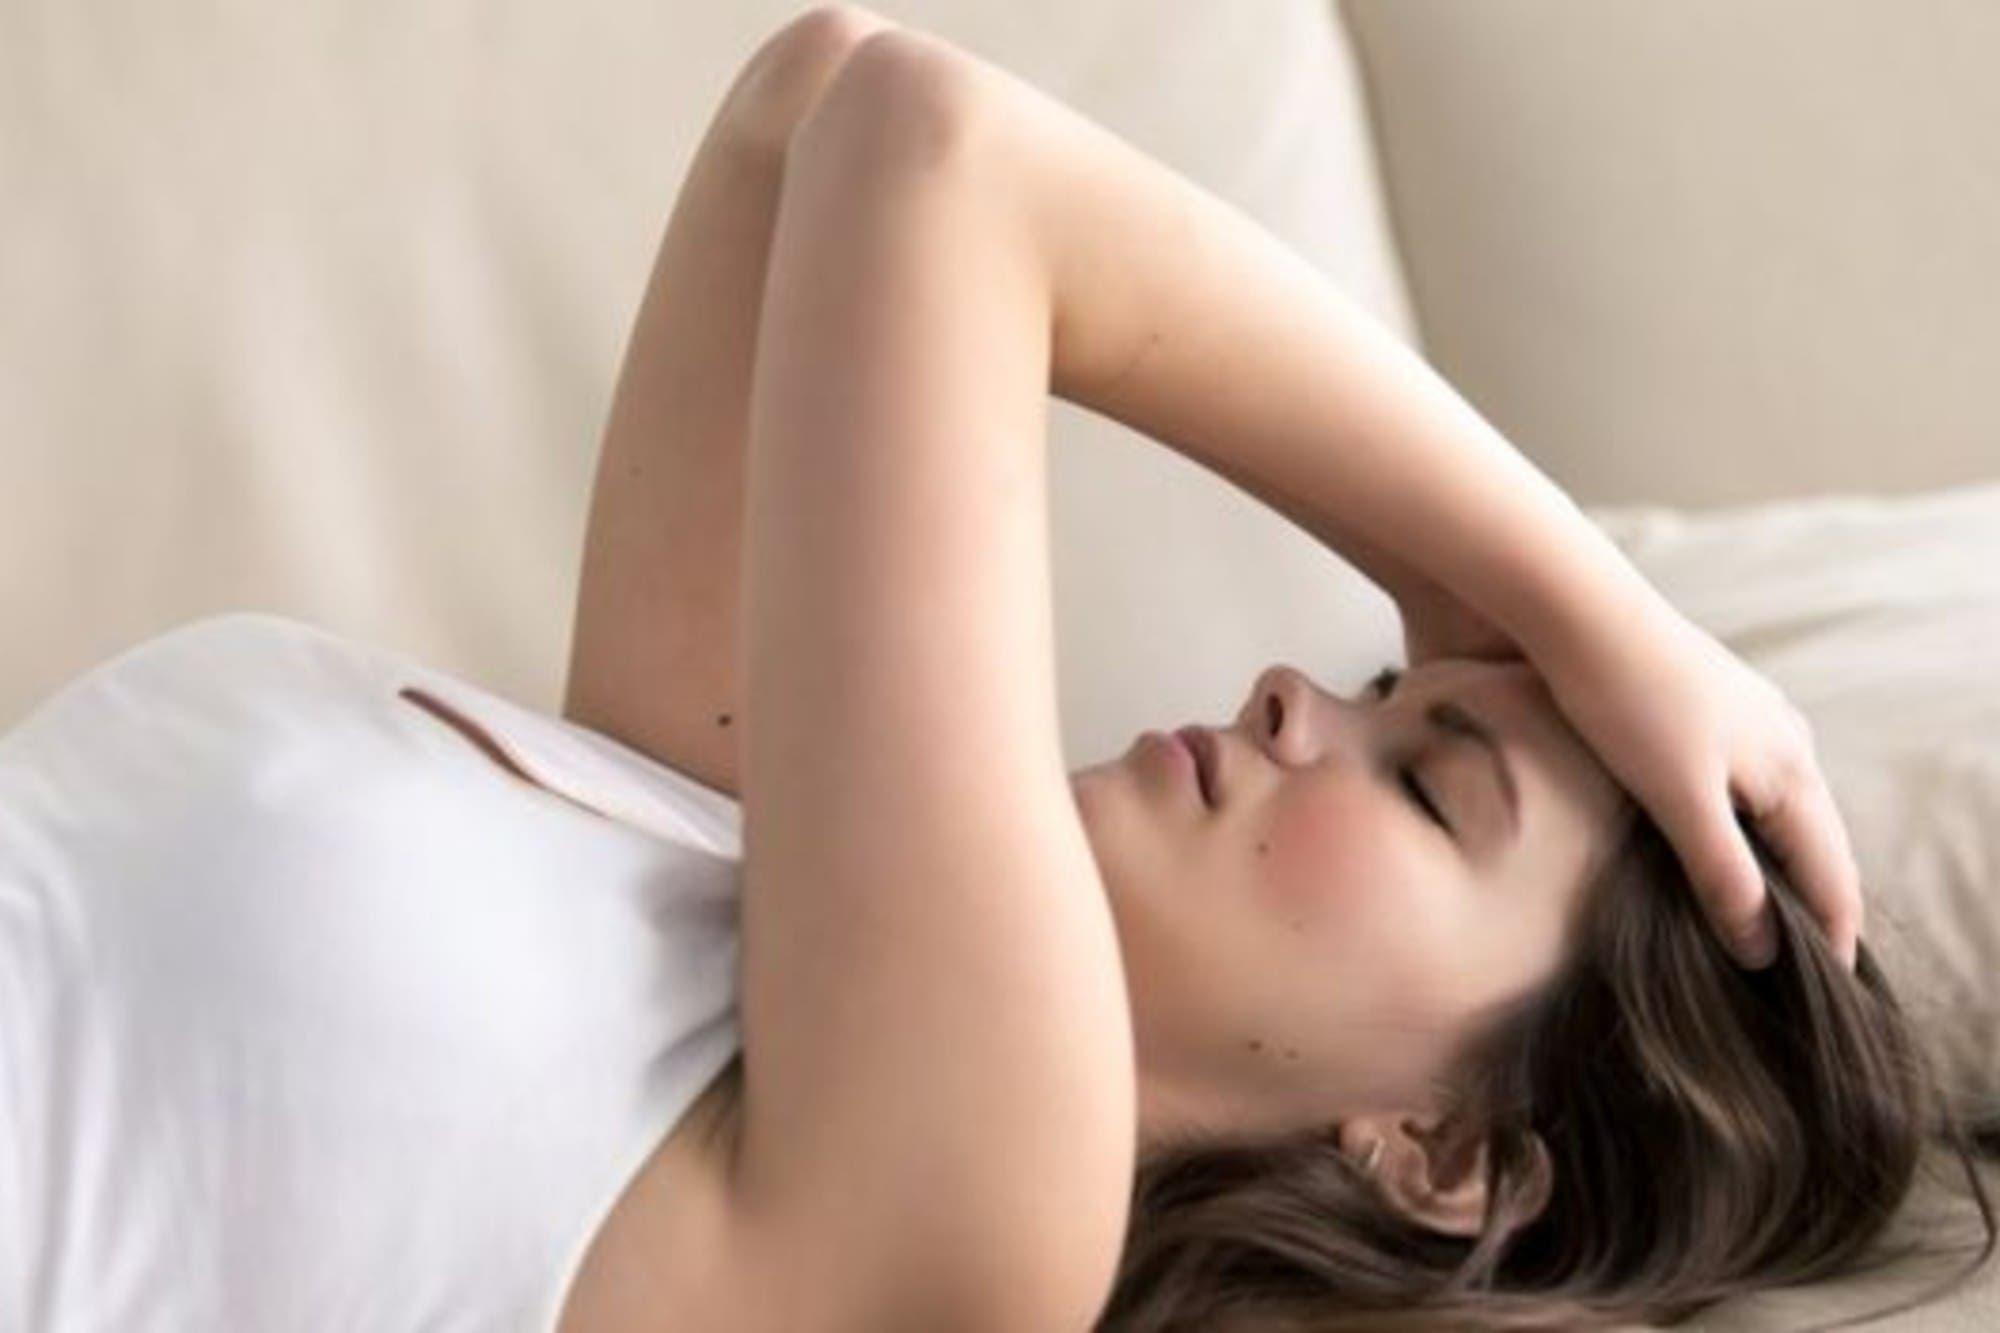 Padres quemados. Las tres fases del burnout: agotamiento, desapego e ineficiencia